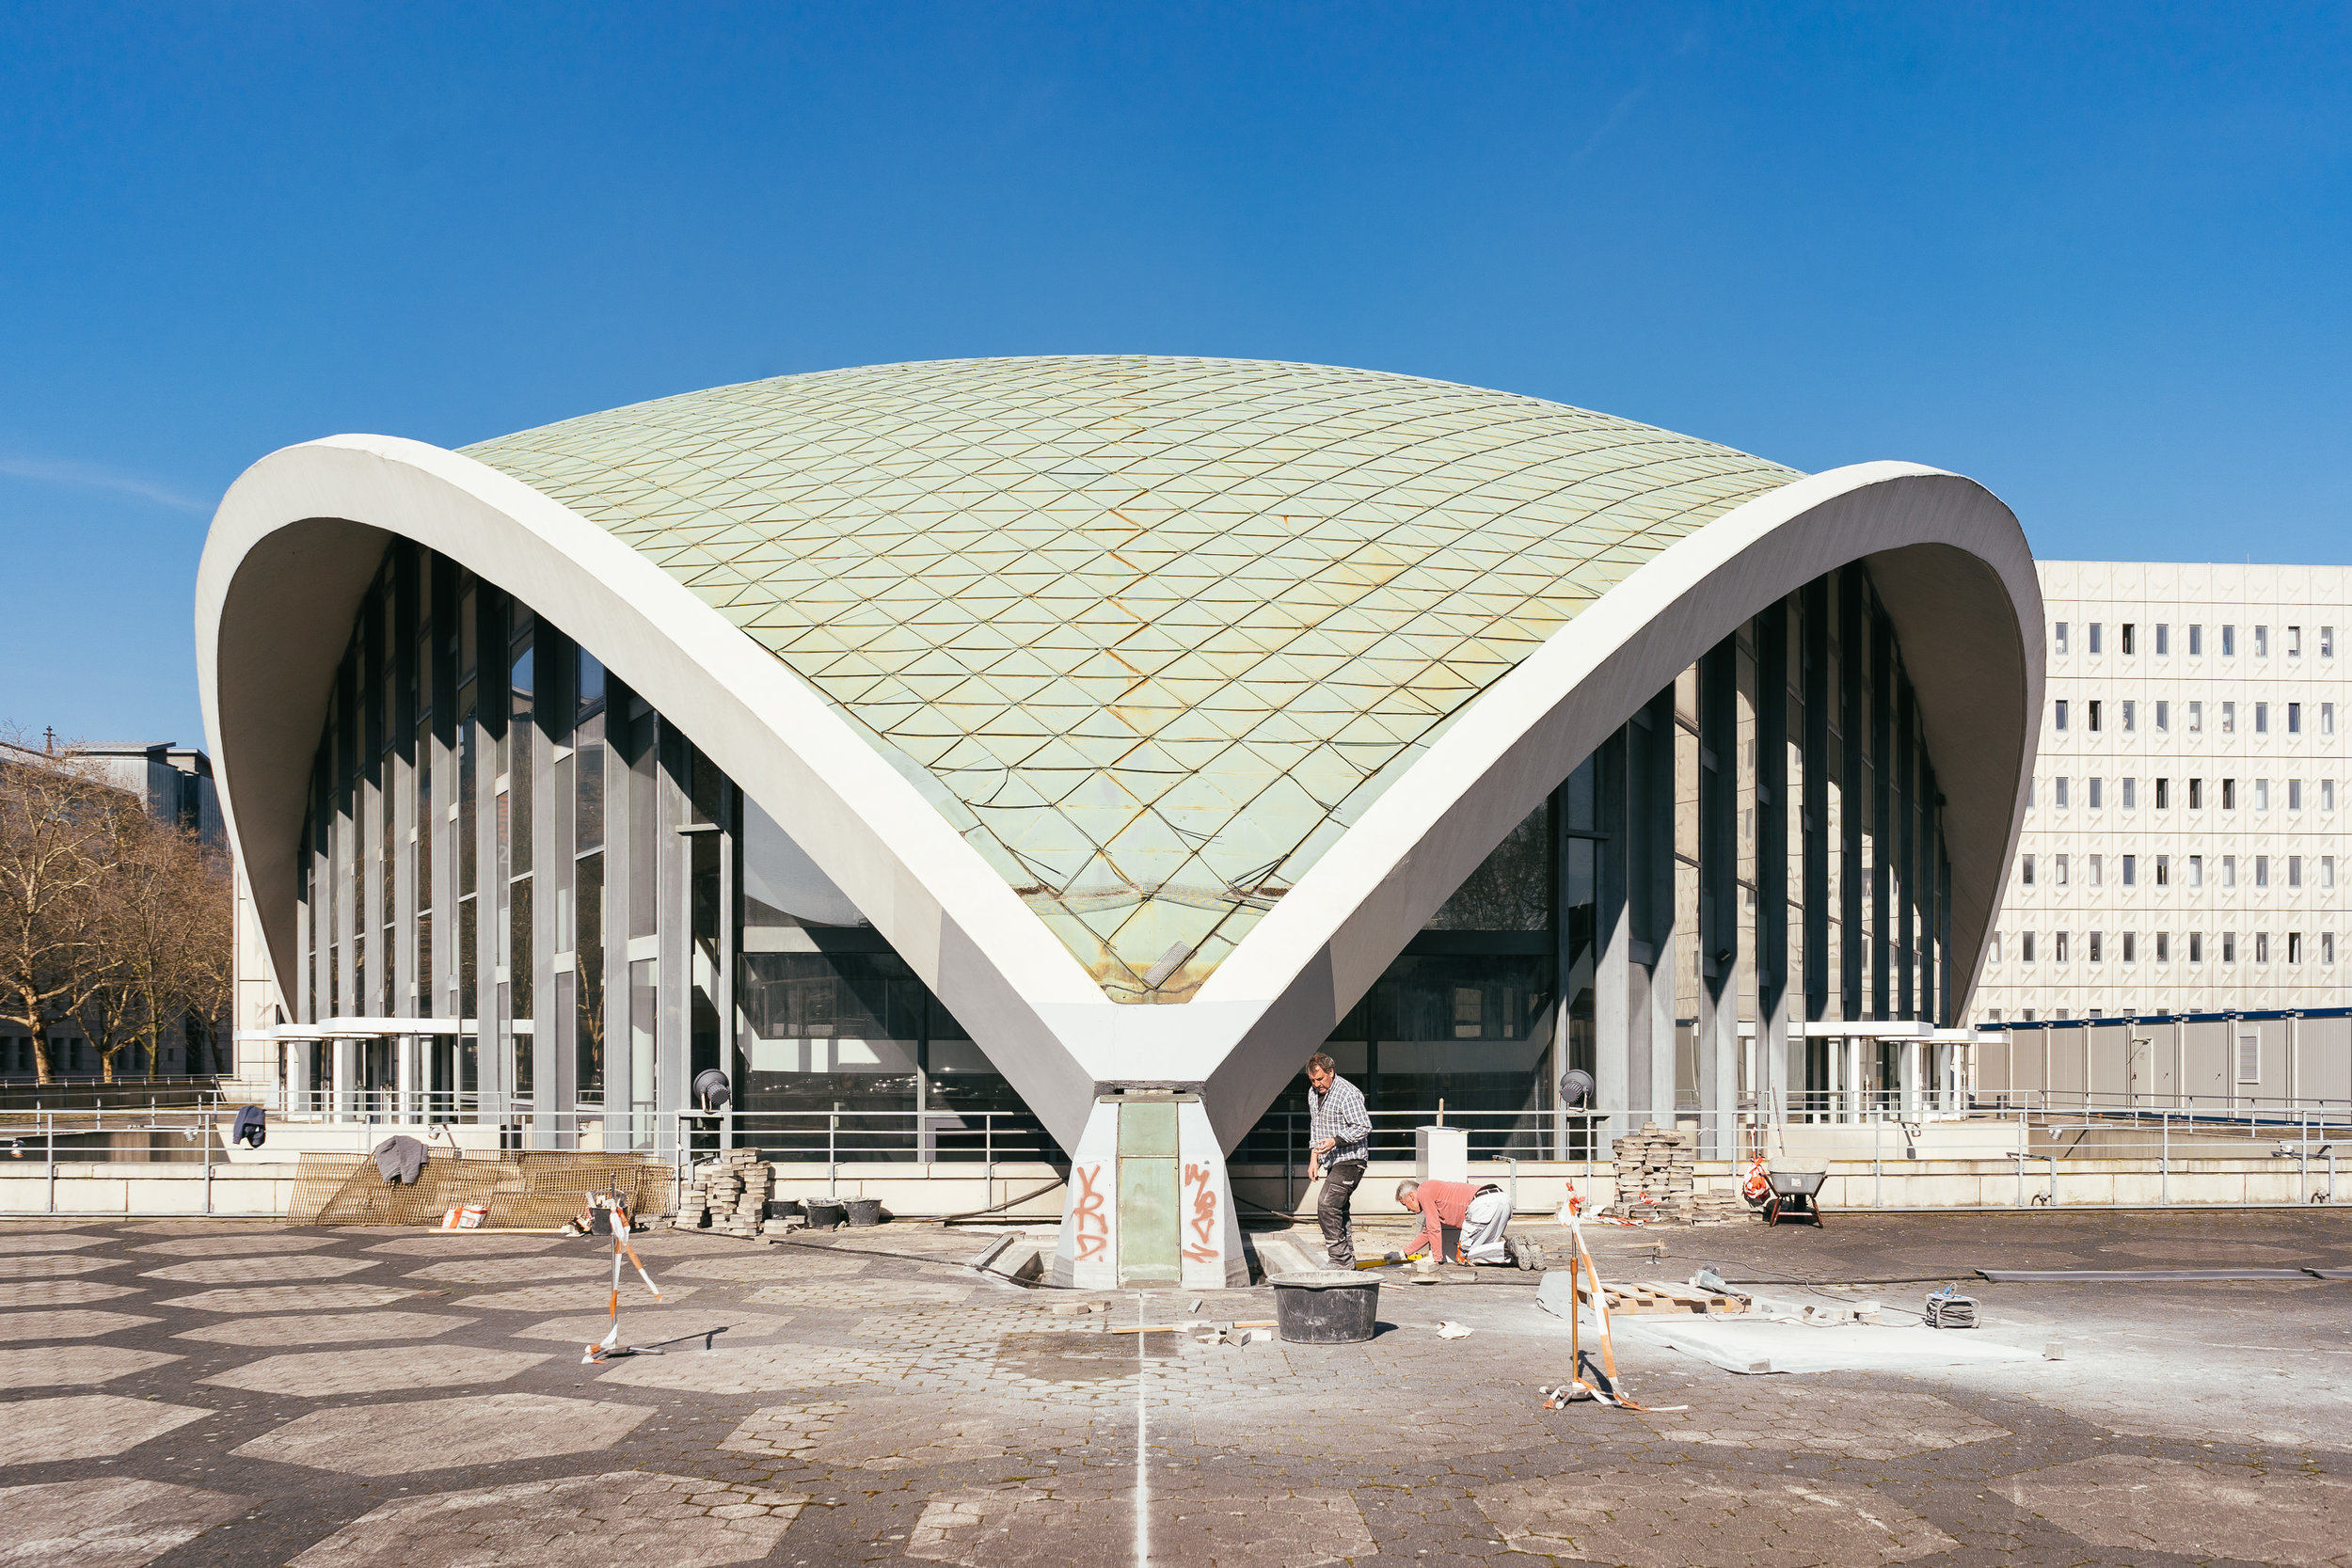 Ein ganz besonderes BBB - (Big Beautiful Building)!